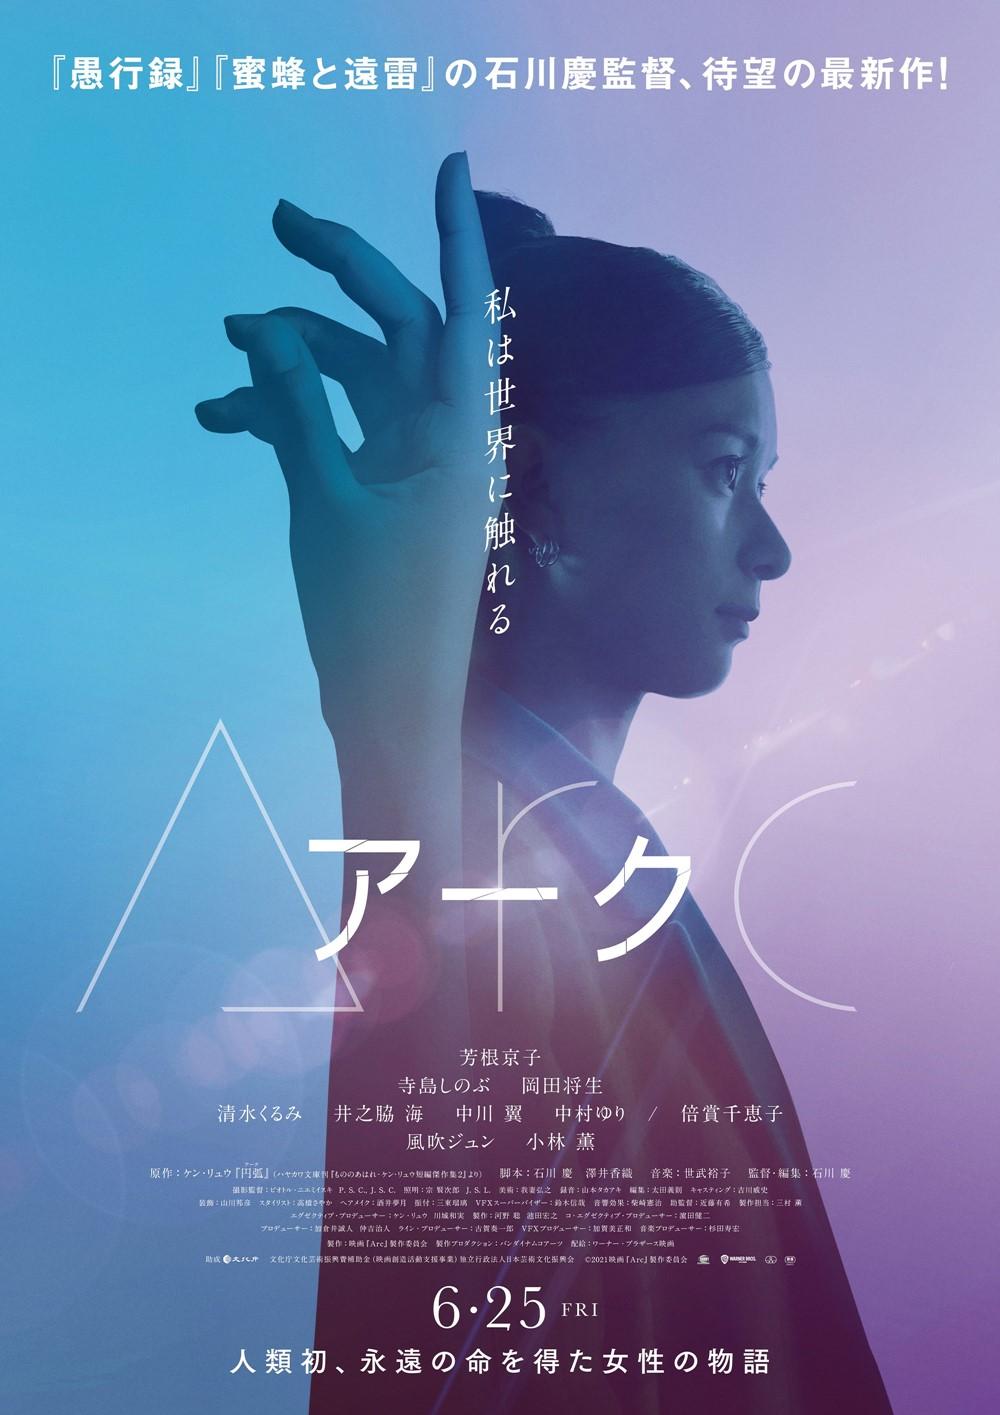 【画像】映画『Arc アーク』ティザービジュアル